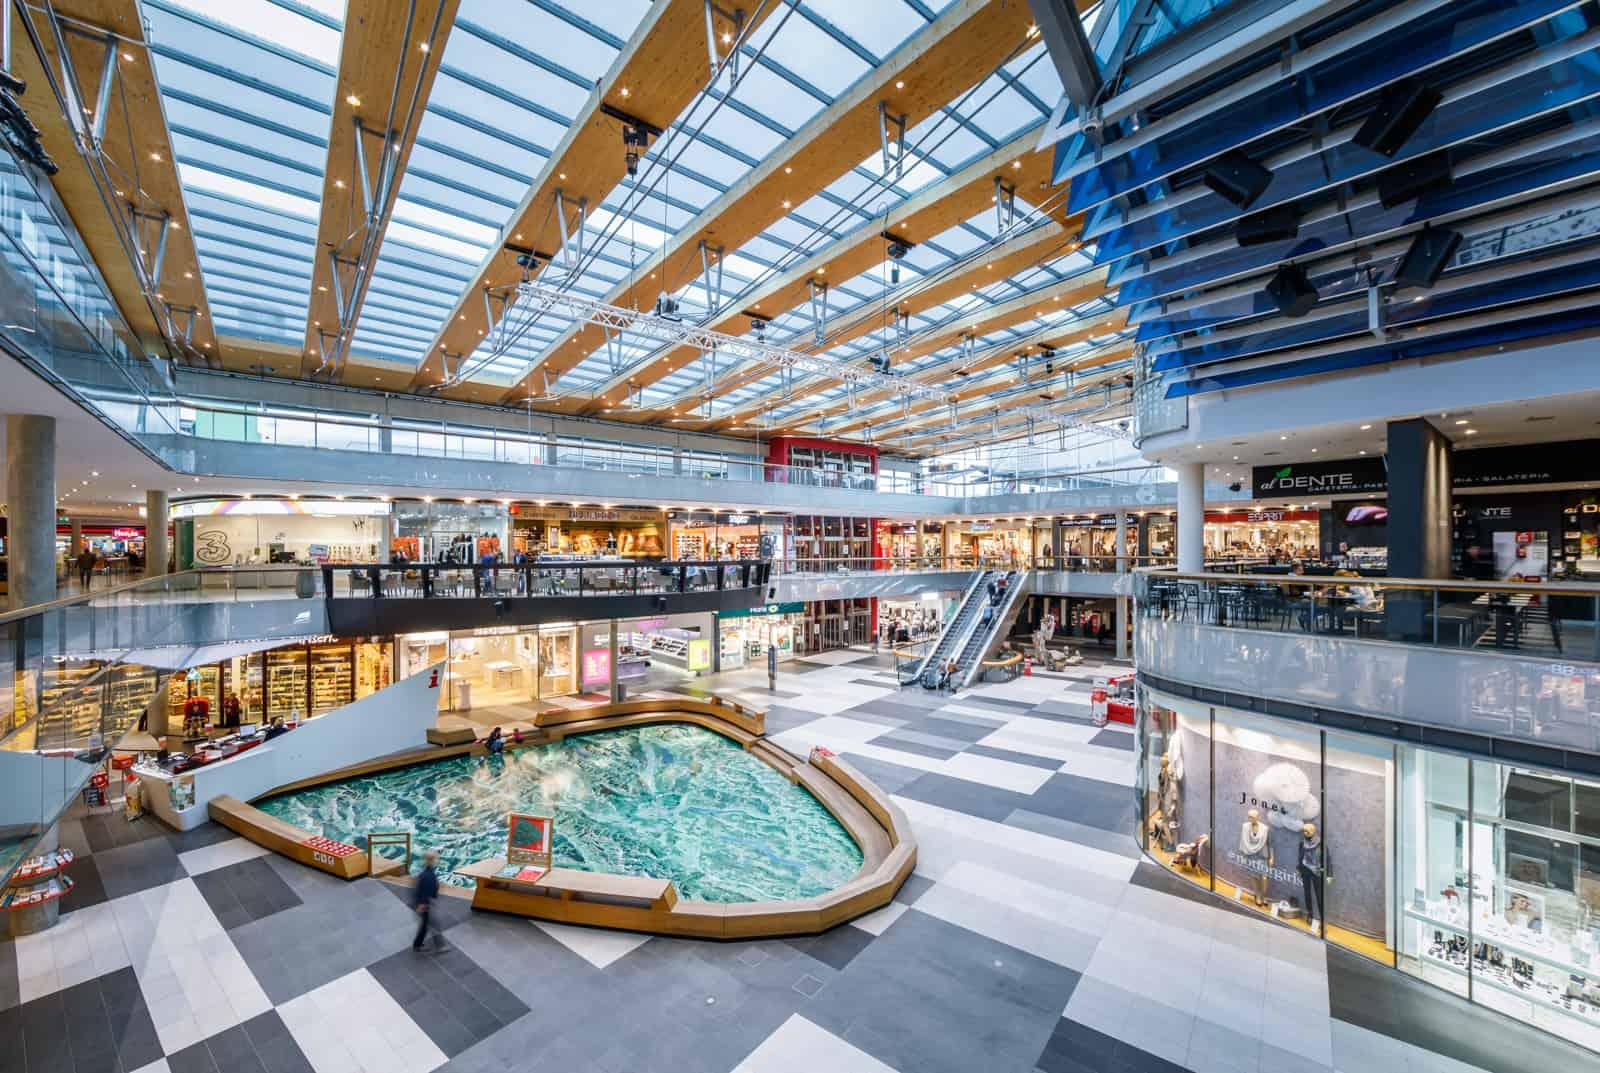 Atrio in Villach - Einkaufszentrum und Tipp für Winteraktivitäten in Kärnten